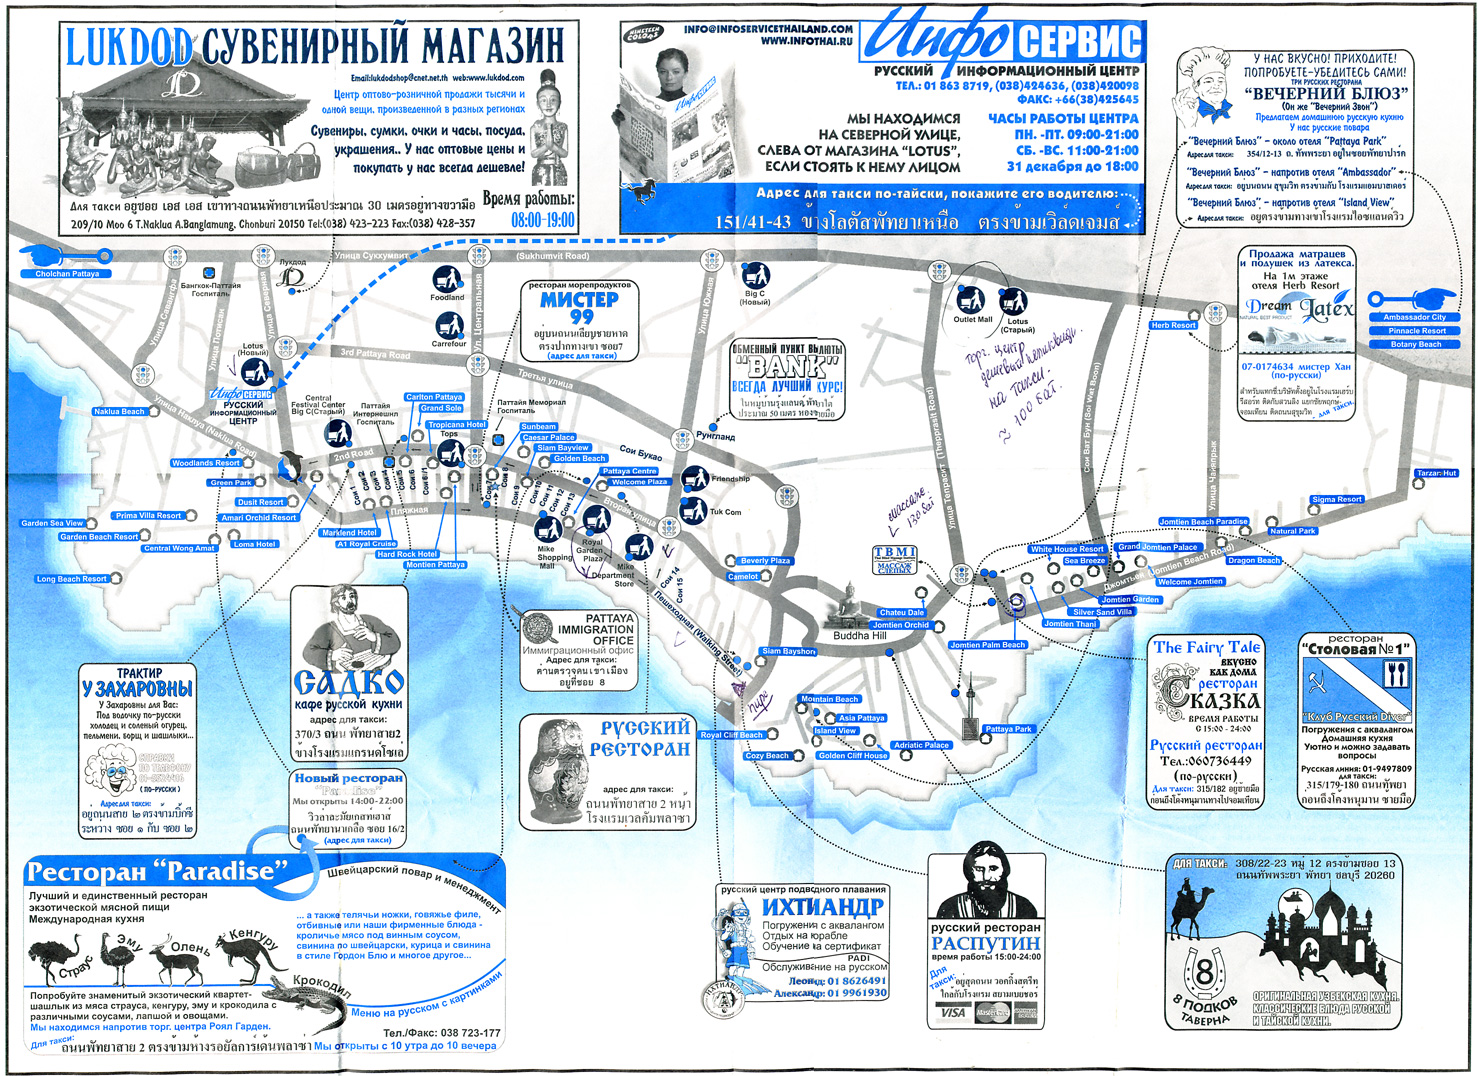 Подробная карта отелей Паттайи на русском языке